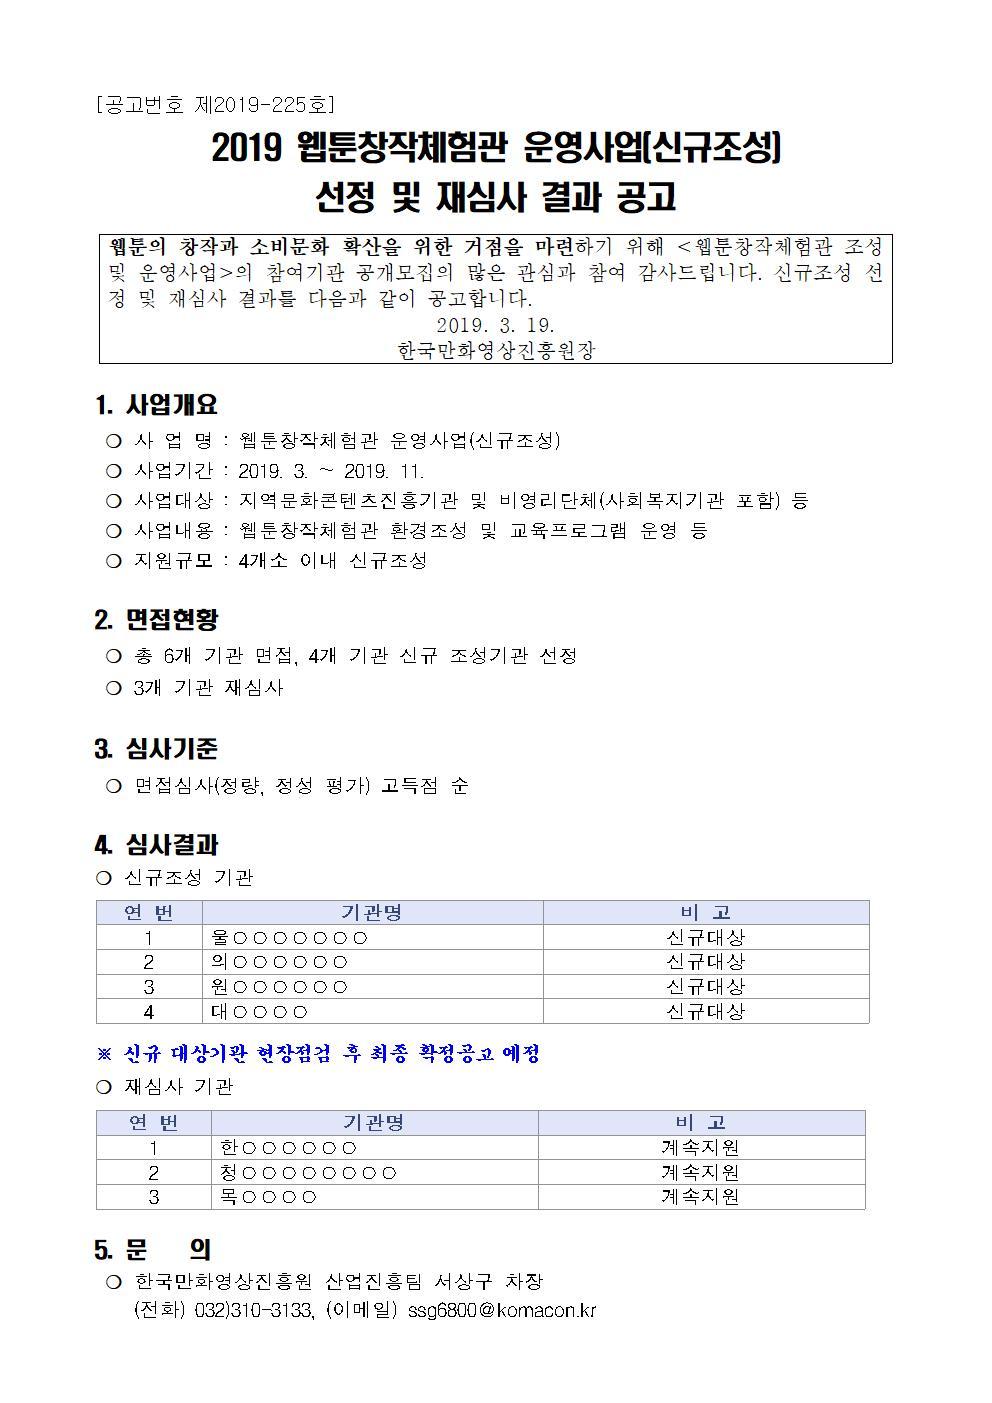 2019 웹툰창작체험관 조성 및 운영최종결과 공고문001.jpg